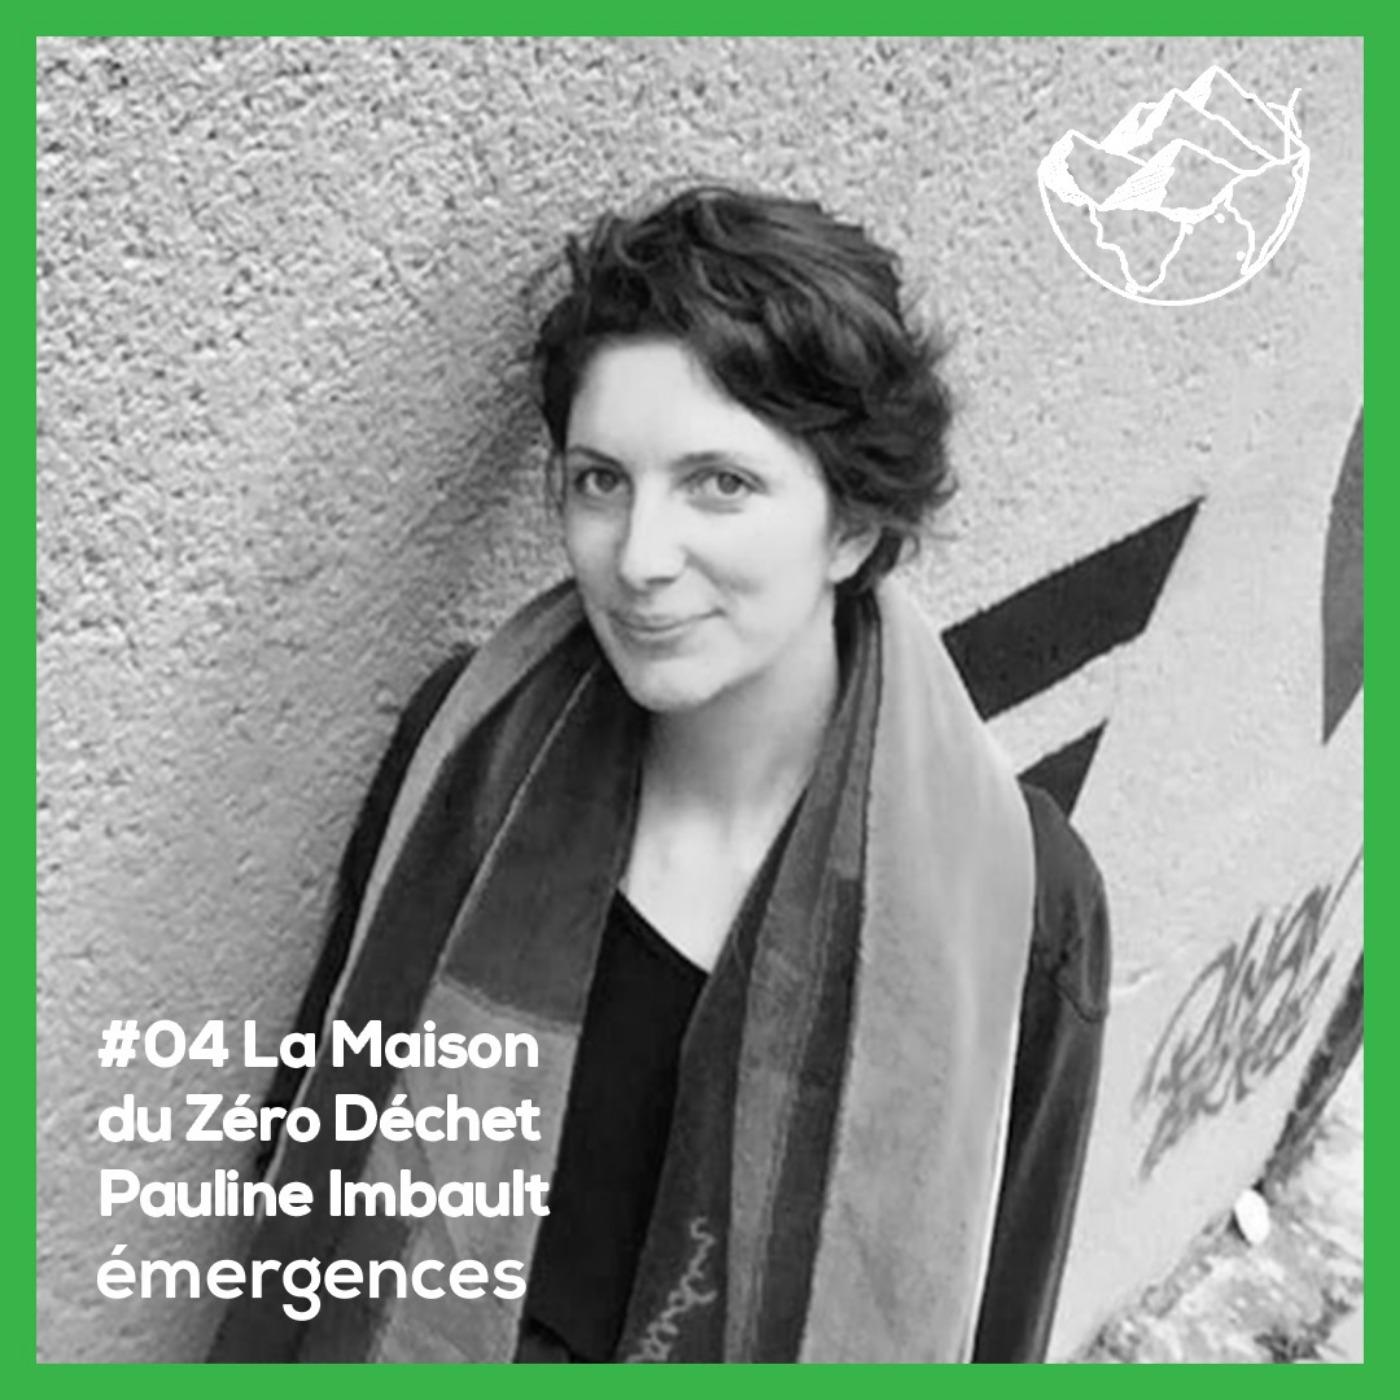 Emergences#04 - Pauline Imbault - La Maison du Zéro Déchet